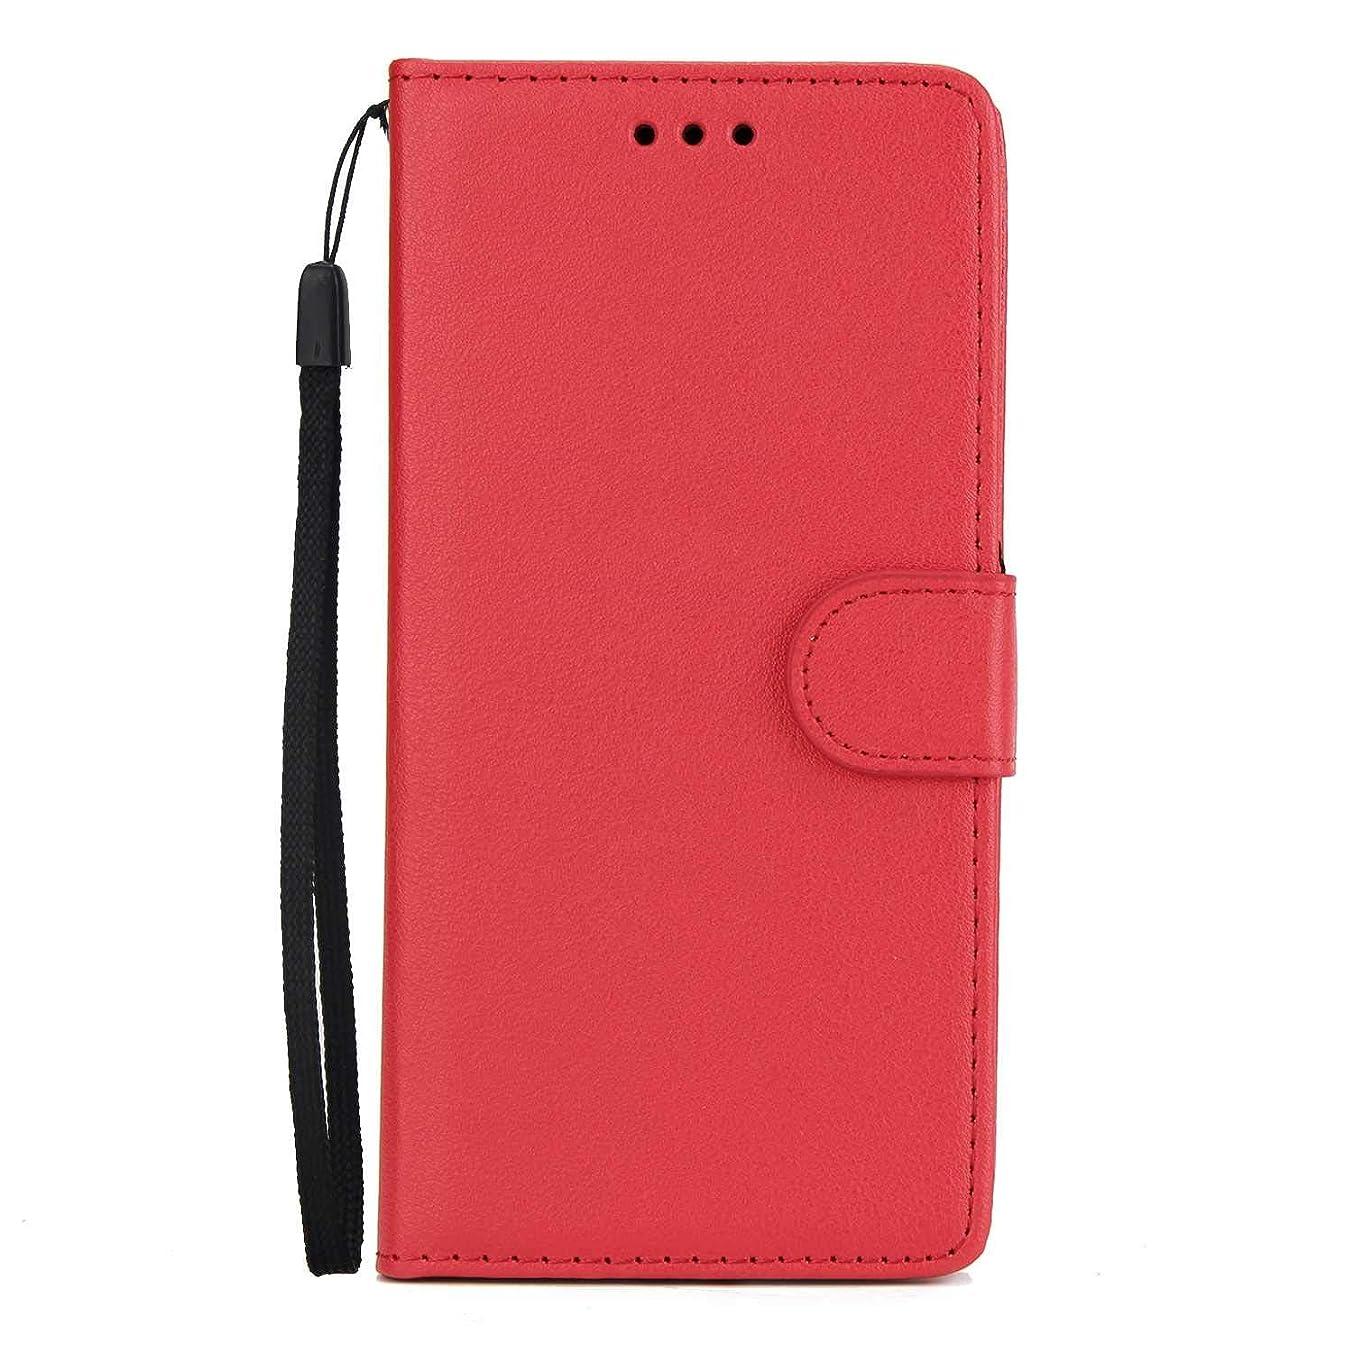 体現するいま結論Huawei P Smart Plus ケース, OMATENTI 軽量 良質 手作り 高級PUレザー ケース 手帳型 保護ケース, ビジネス ケース カード収納ホルダー付き 横置きスタンド機能付き マグネット式 Huawei P Smart ...